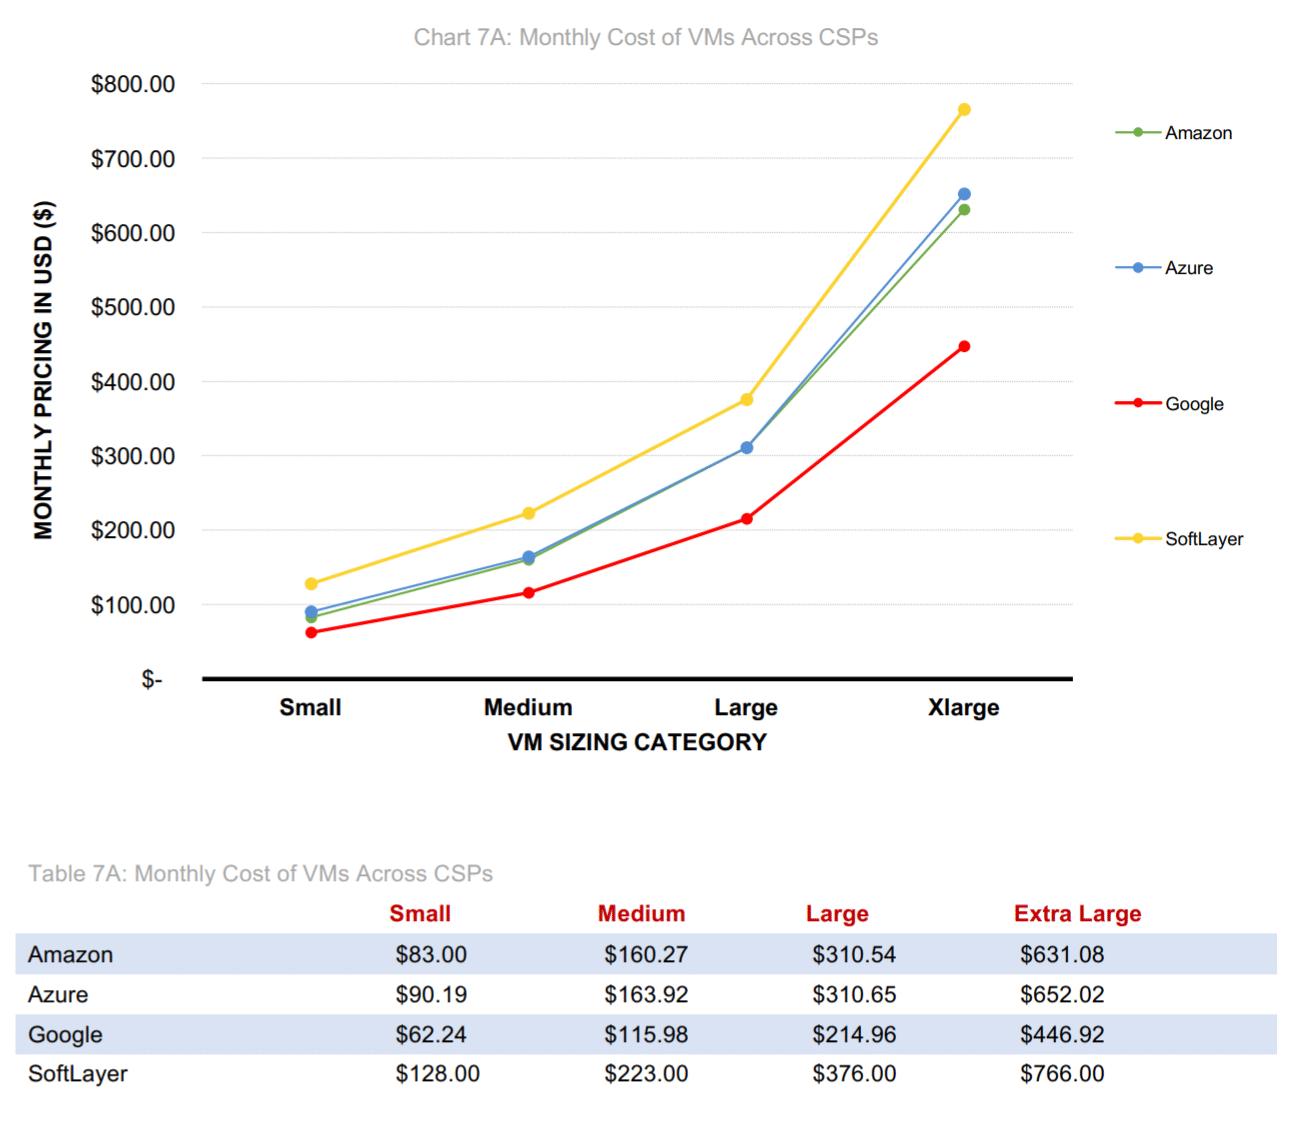 prissammenligning af cloud computing udbydere